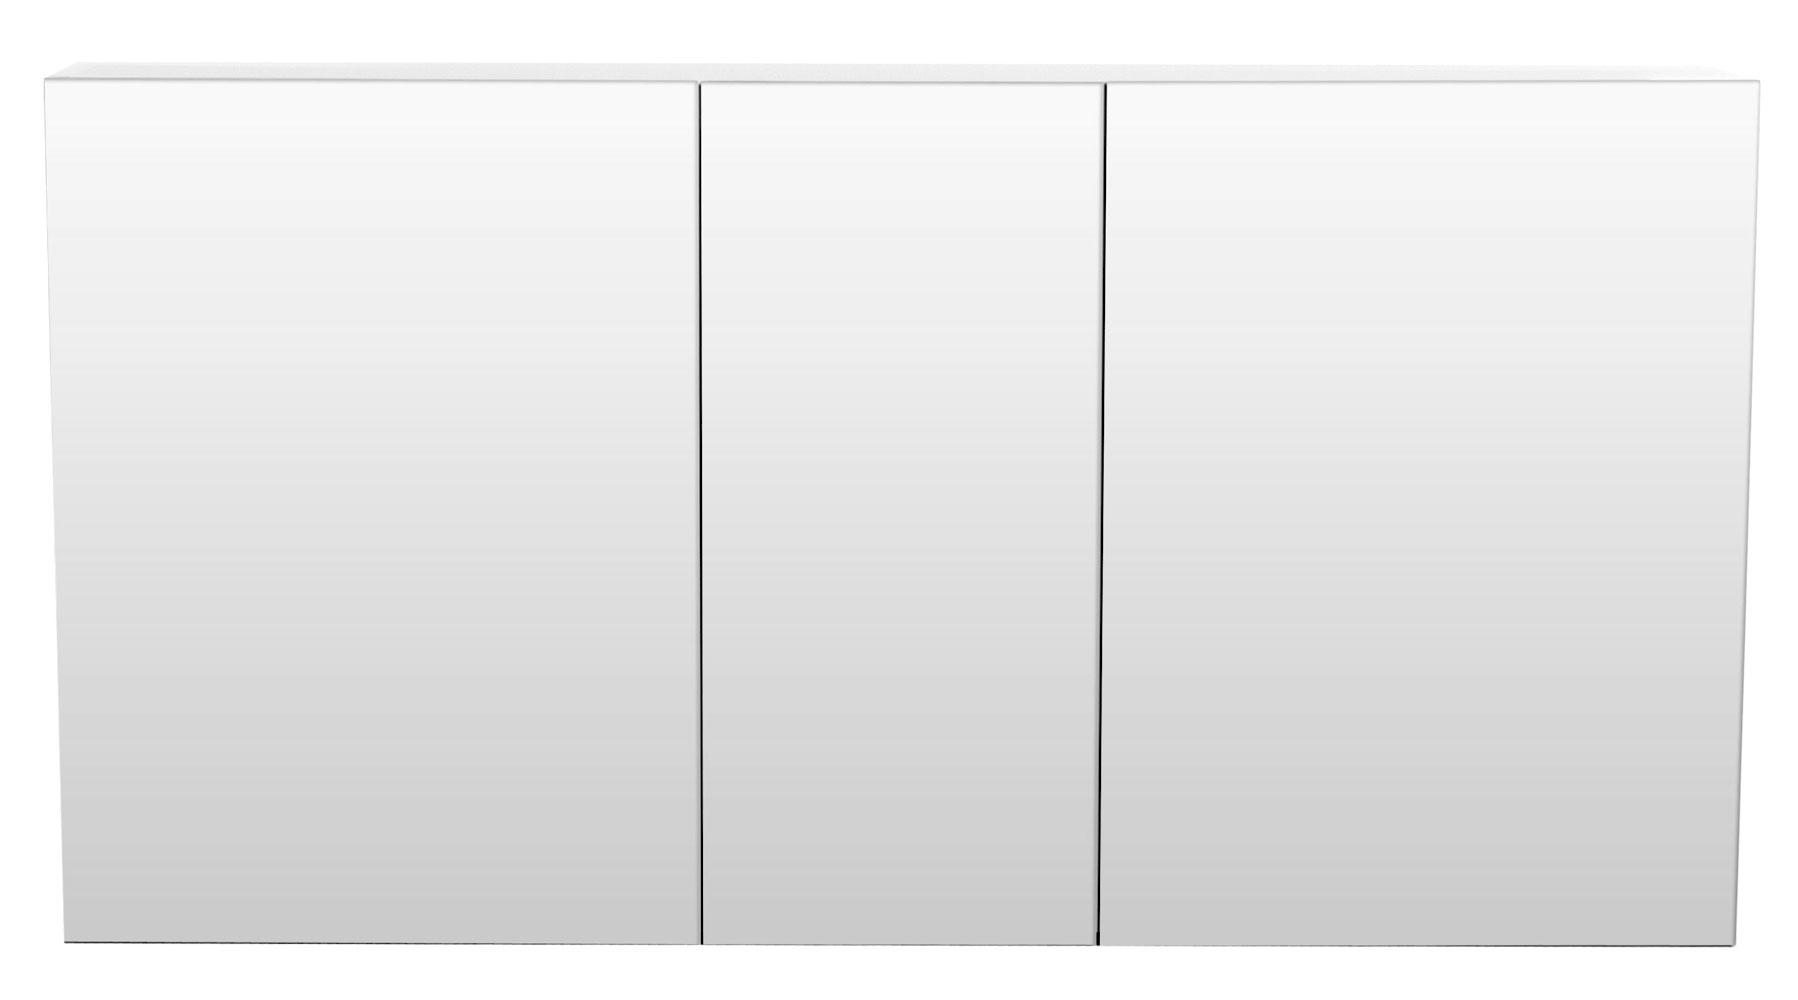 Spiegelschrank bad 120 cm hochglanz wei for Spiegelschrank bad 120 cm